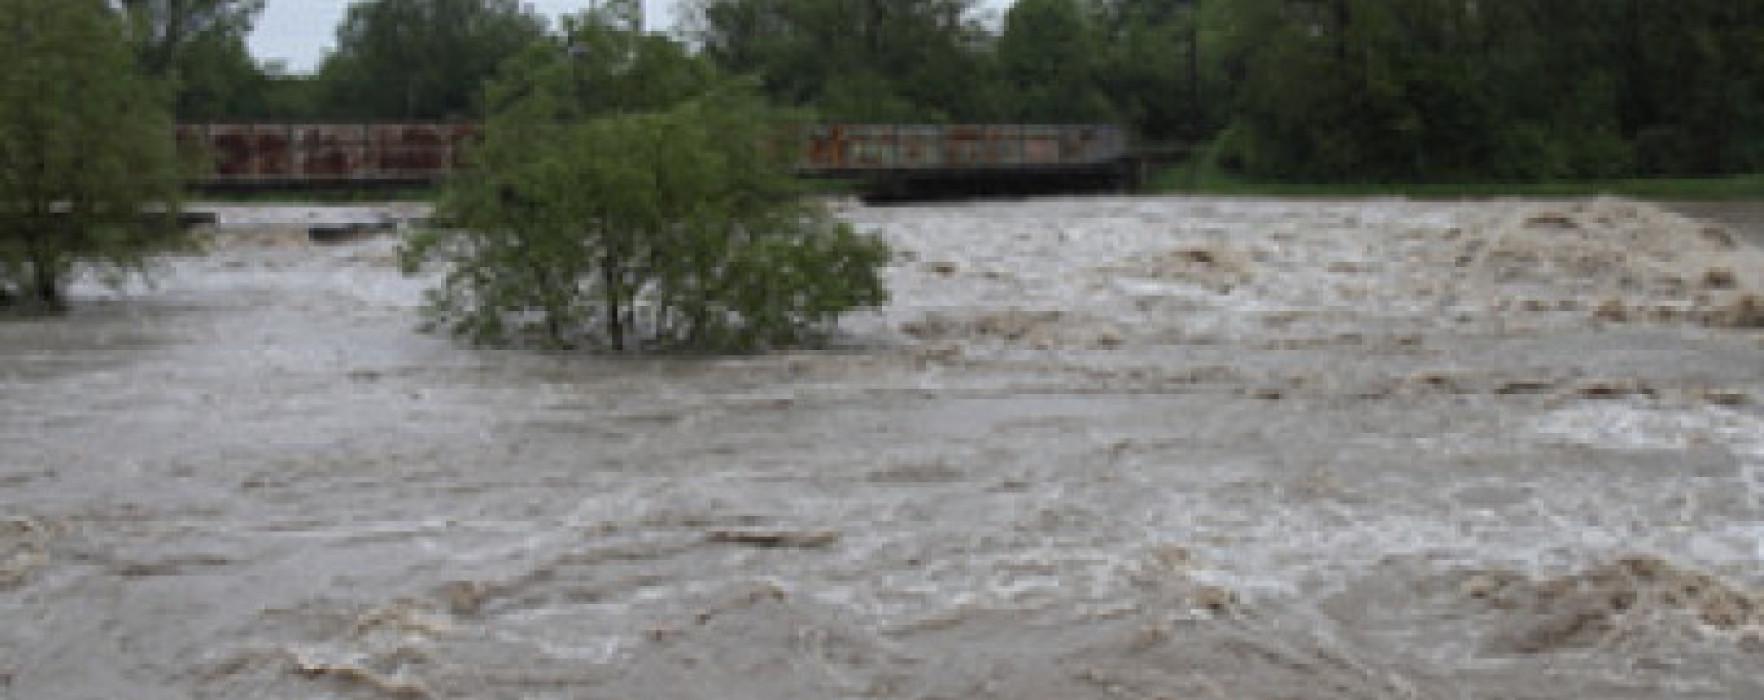 Pagube totale de 26 de milioane de lei, provocate de inundaţii în Dâmboviţa